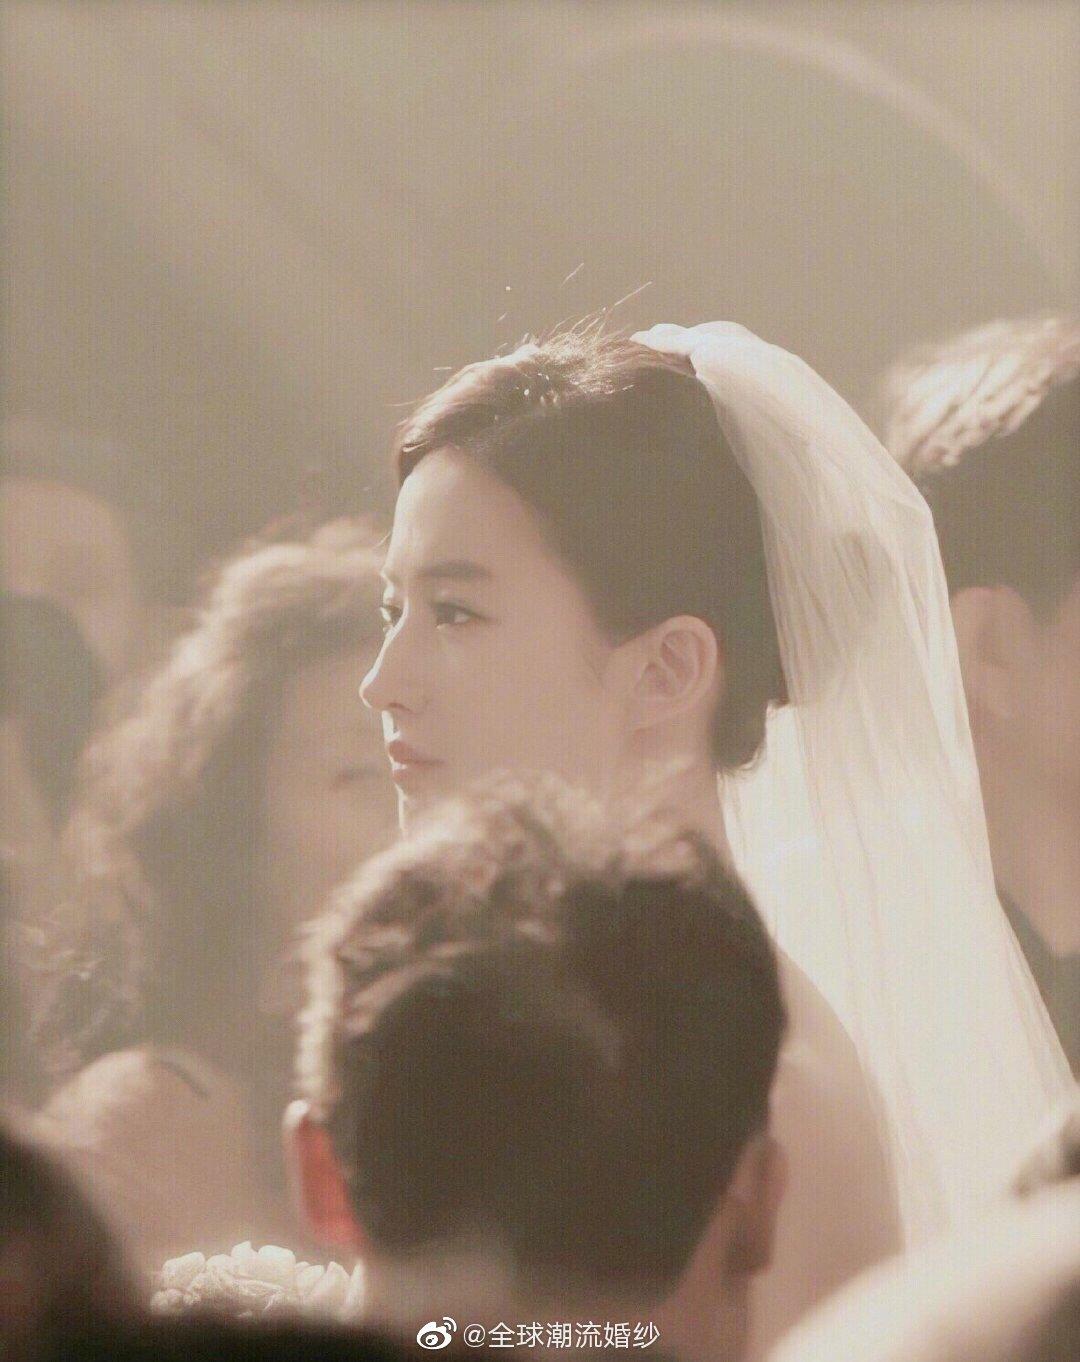 刘亦菲婚纱点到为止的艳,不可方物的美✨✨